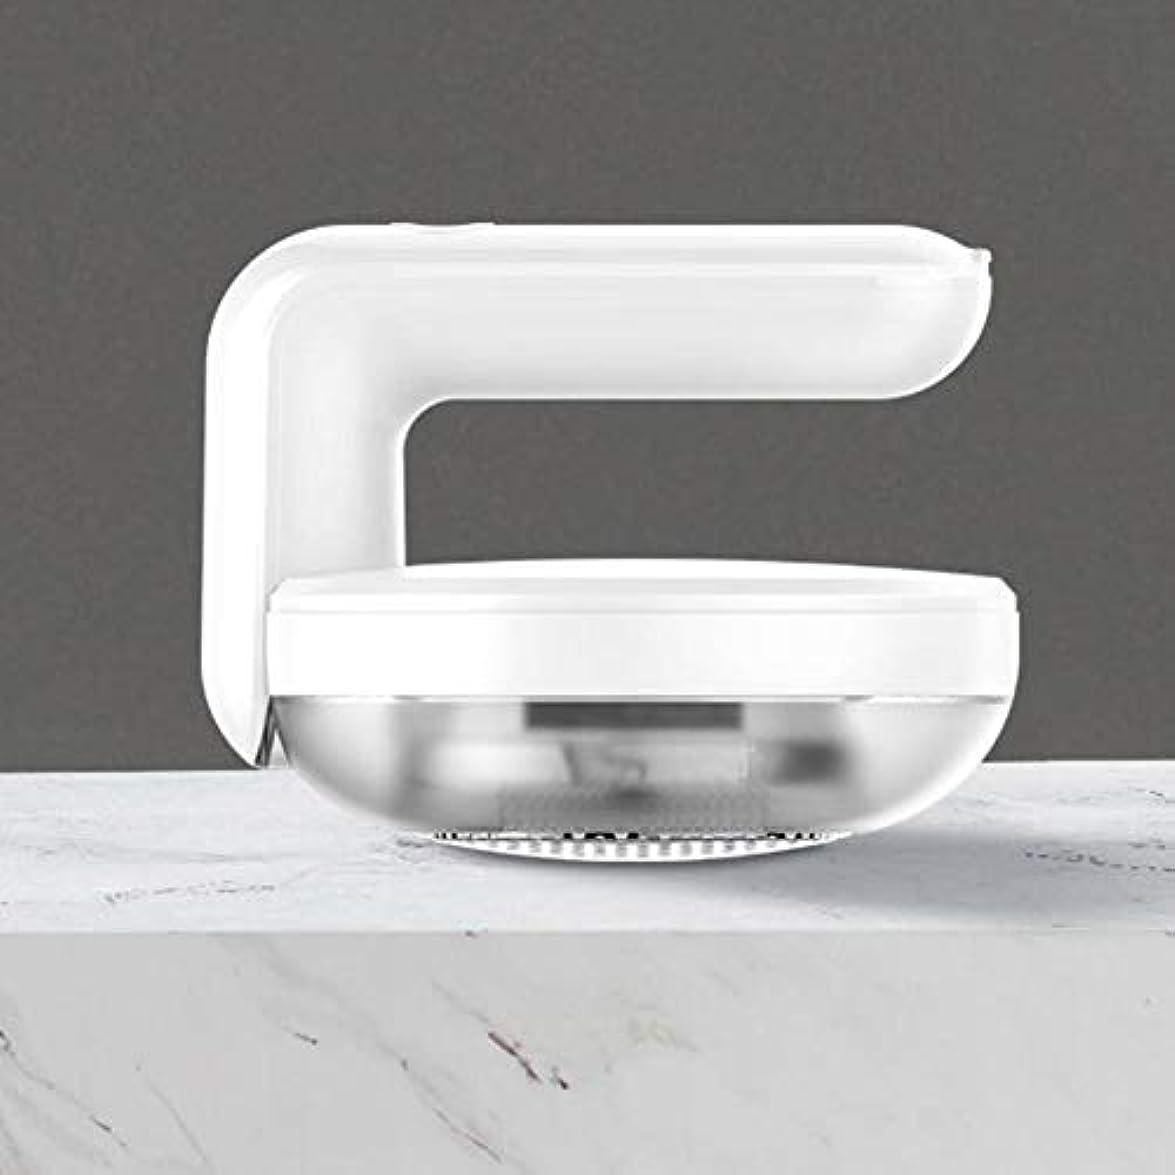 代表して有益湖毛玉取り器 毛玉カット 電動 毛玉取り機 USB充電式 6枚刃モデル 高速回転